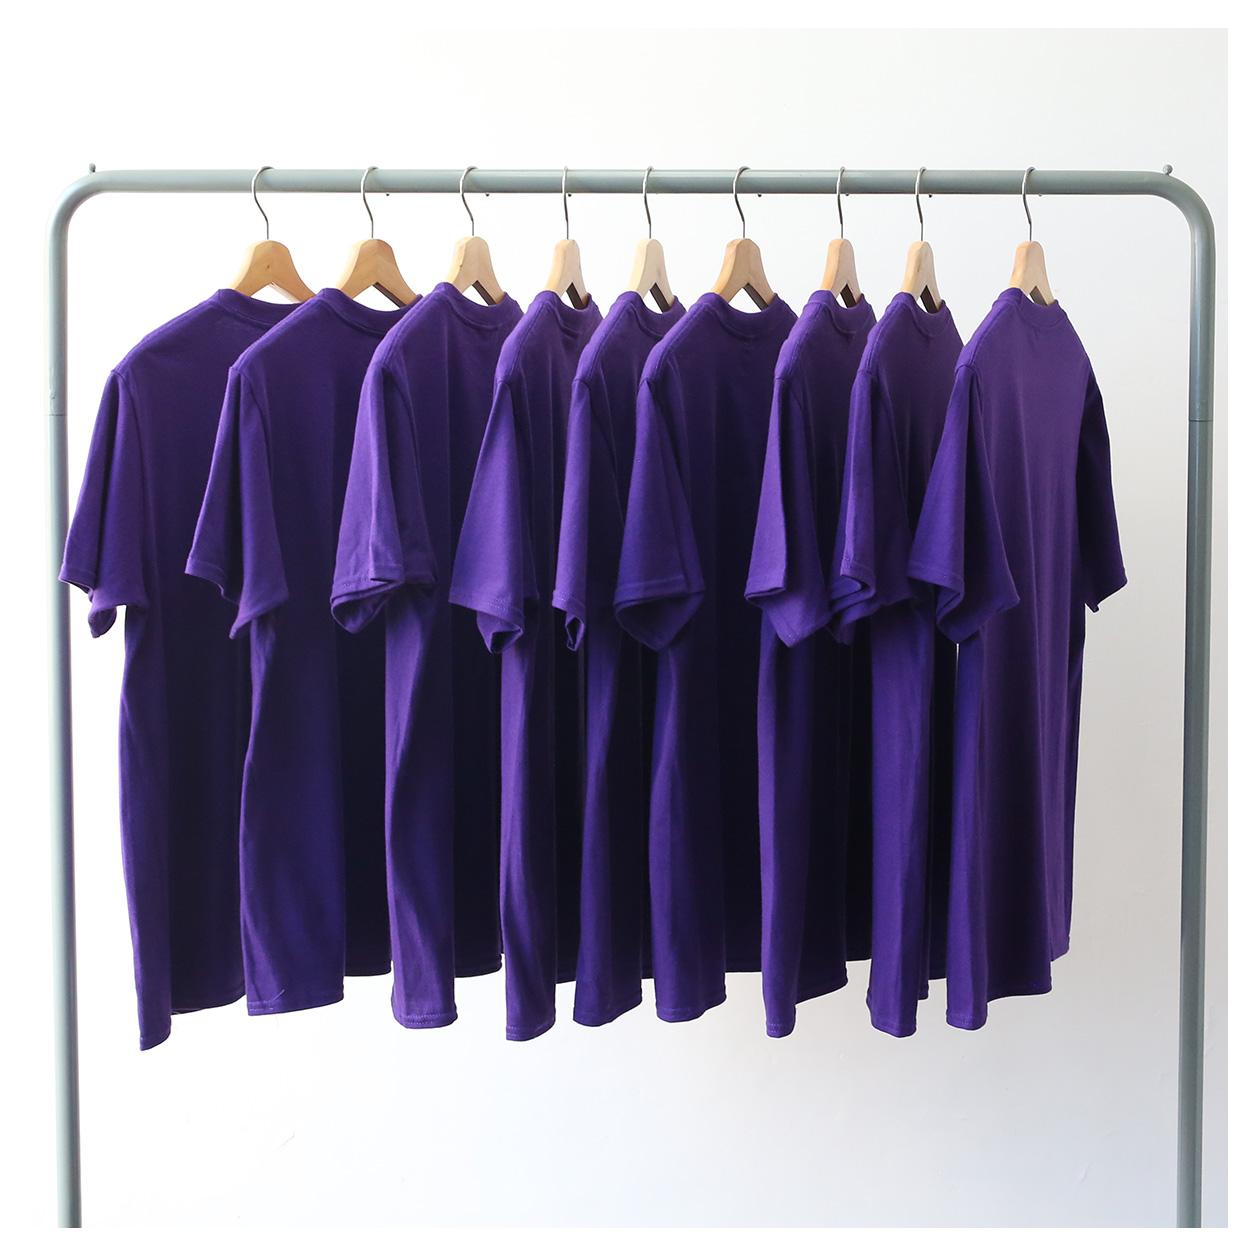 紫色T恤 夏季纯棉紫色打底衫简约常规圆领短袖T恤男女宽松情侣嘻哈港风潮_推荐淘宝好看的紫色T恤